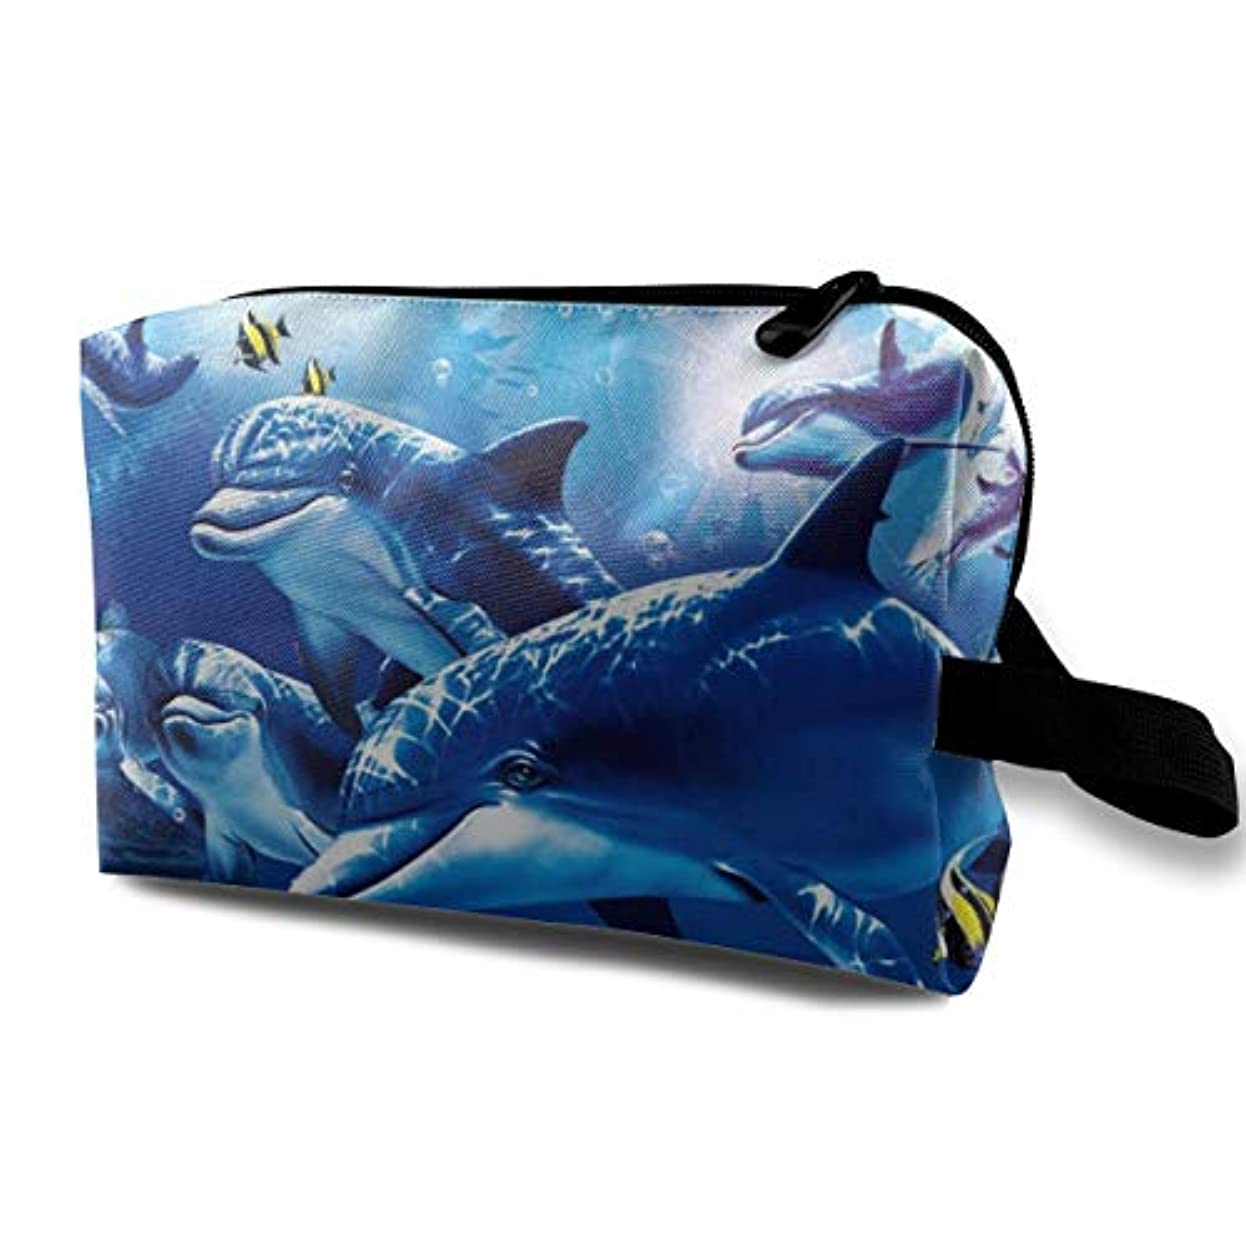 報酬の周術期複合Blue Sea World Coral Dolphin 収納ポーチ 化粧ポーチ 大容量 軽量 耐久性 ハンドル付持ち運び便利。入れ 自宅?出張?旅行?アウトドア撮影などに対応。メンズ レディース トラベルグッズ